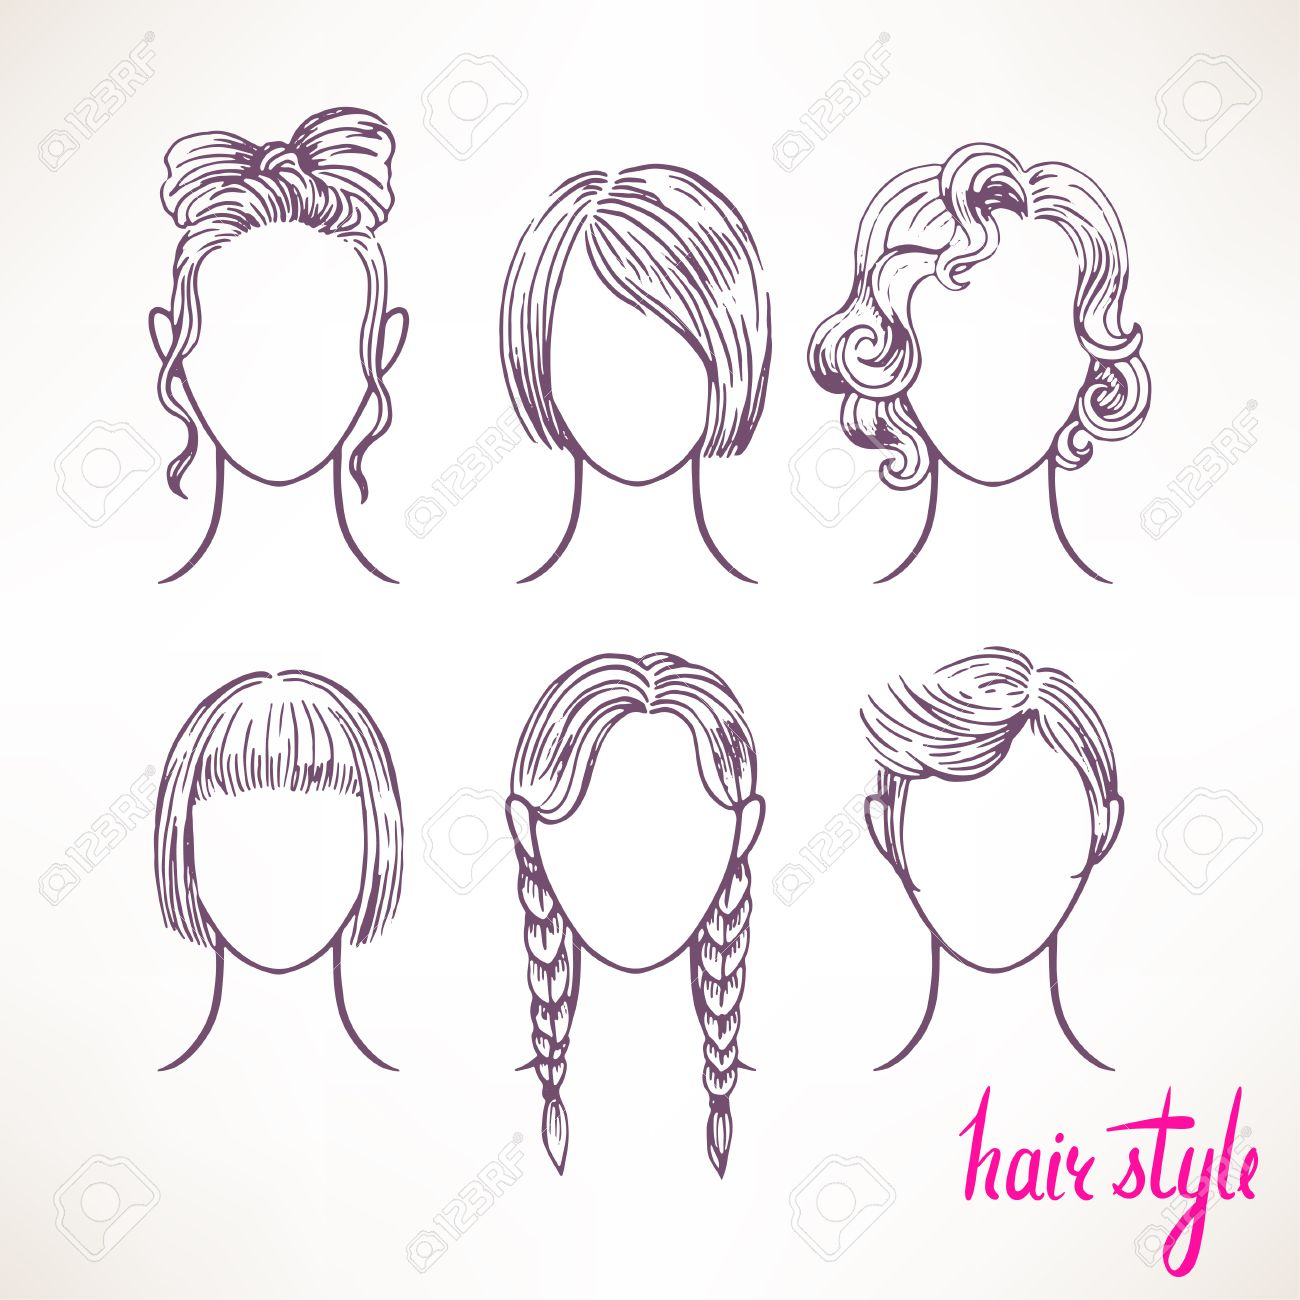 Рисунки причёсок поэтапно